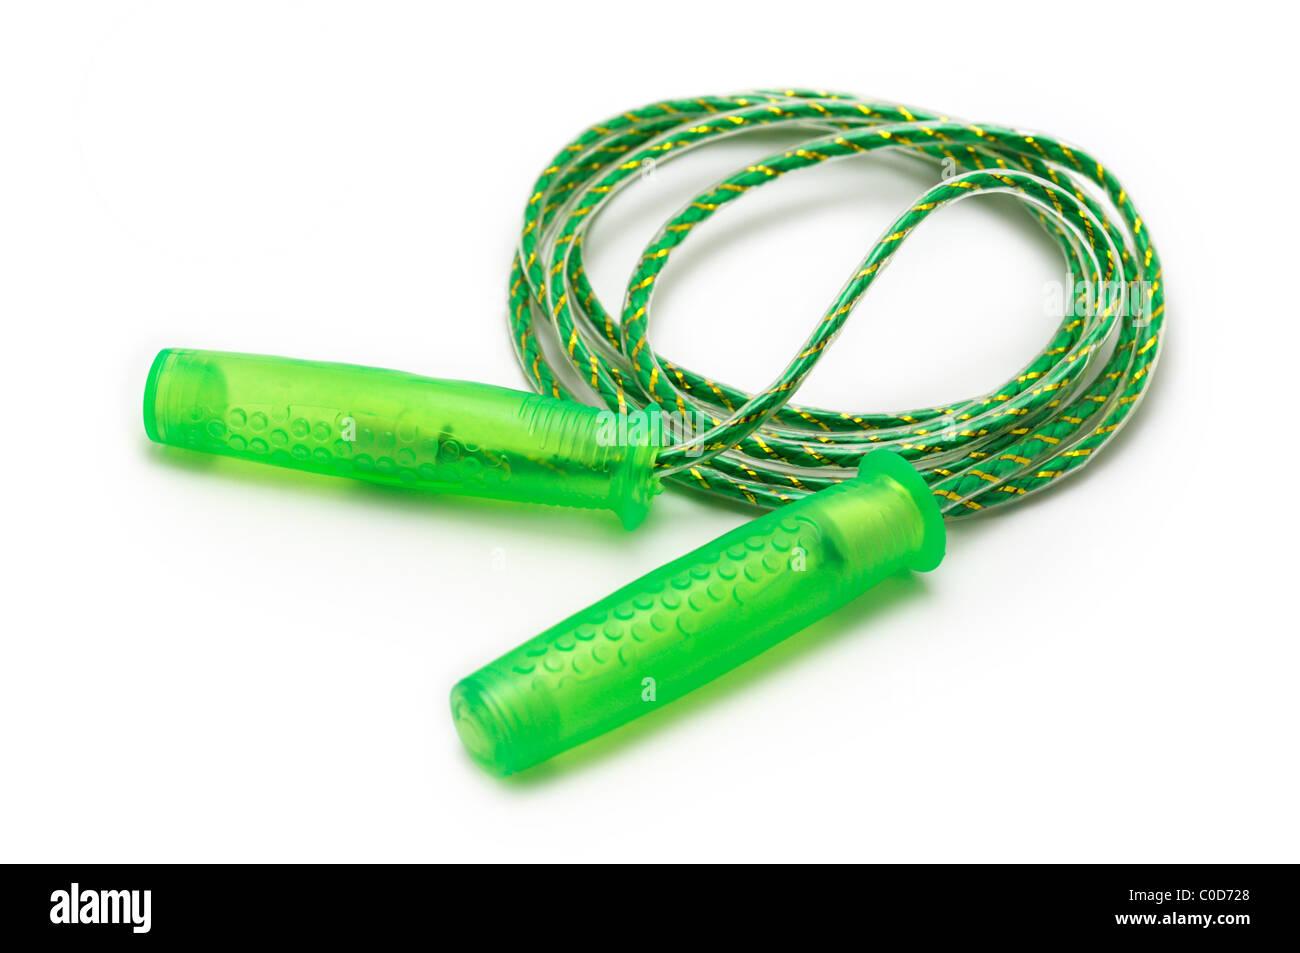 Springseil, grün Stockbild